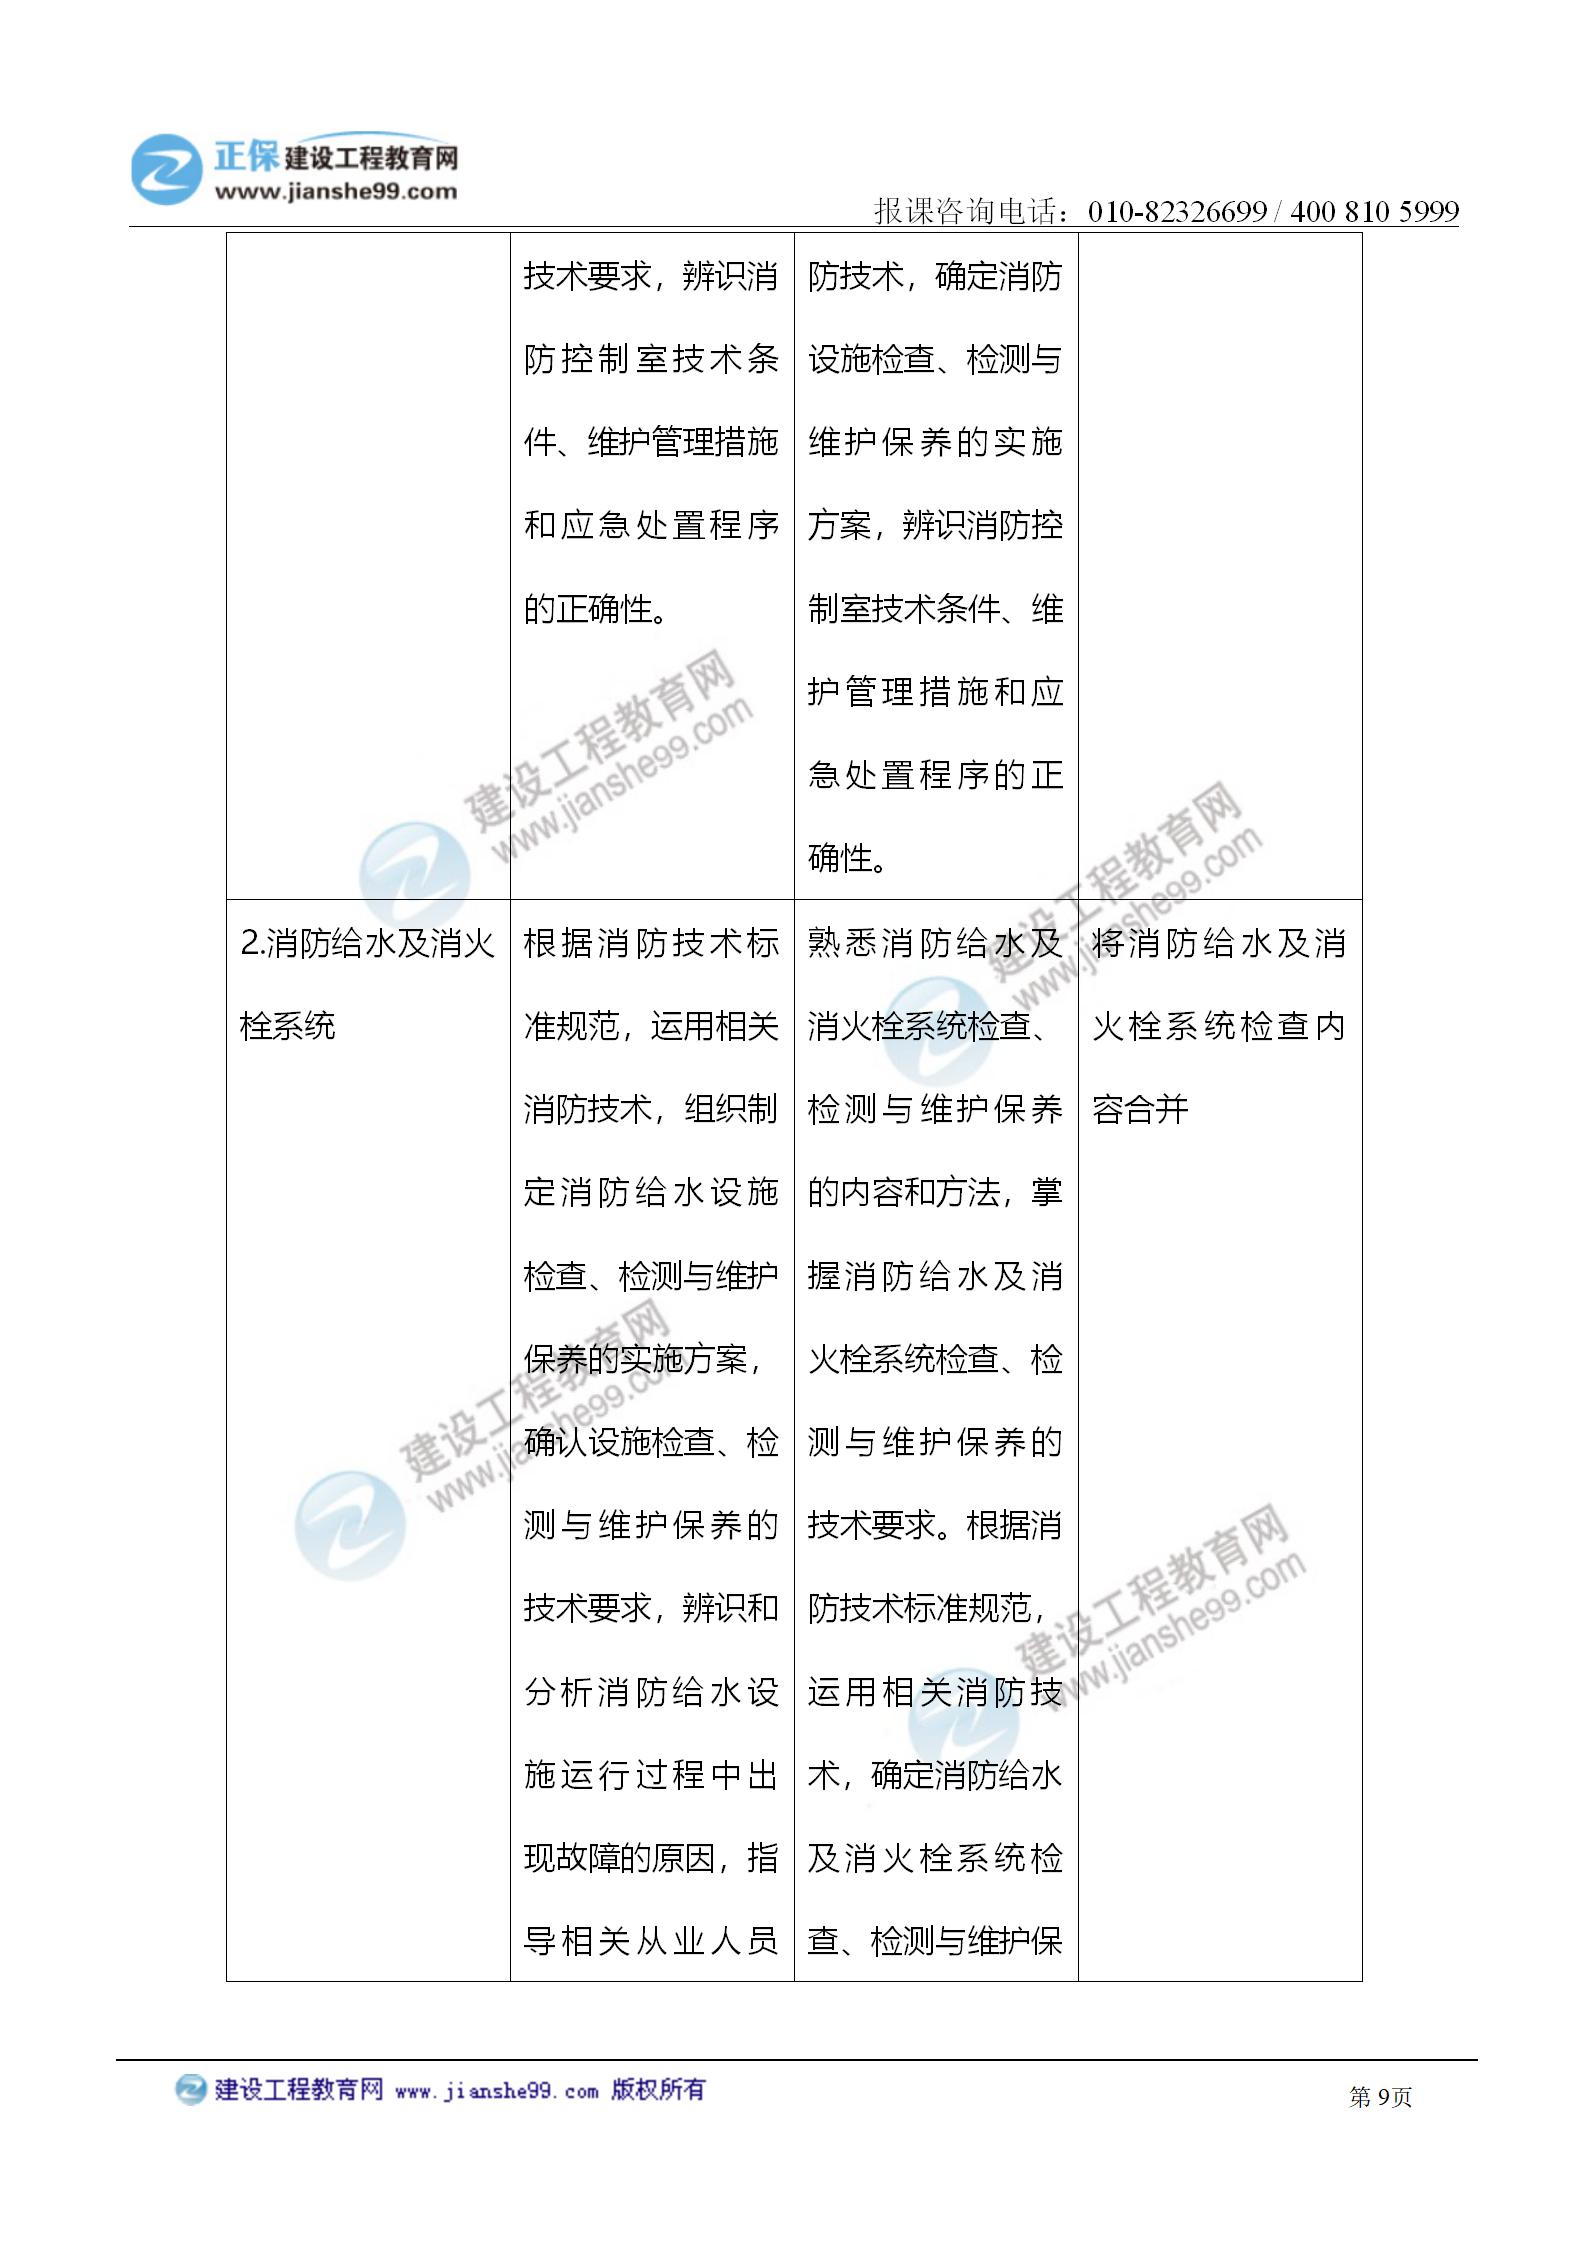 2021注册消防工程师《综合能力》考试大纲变化情况_09